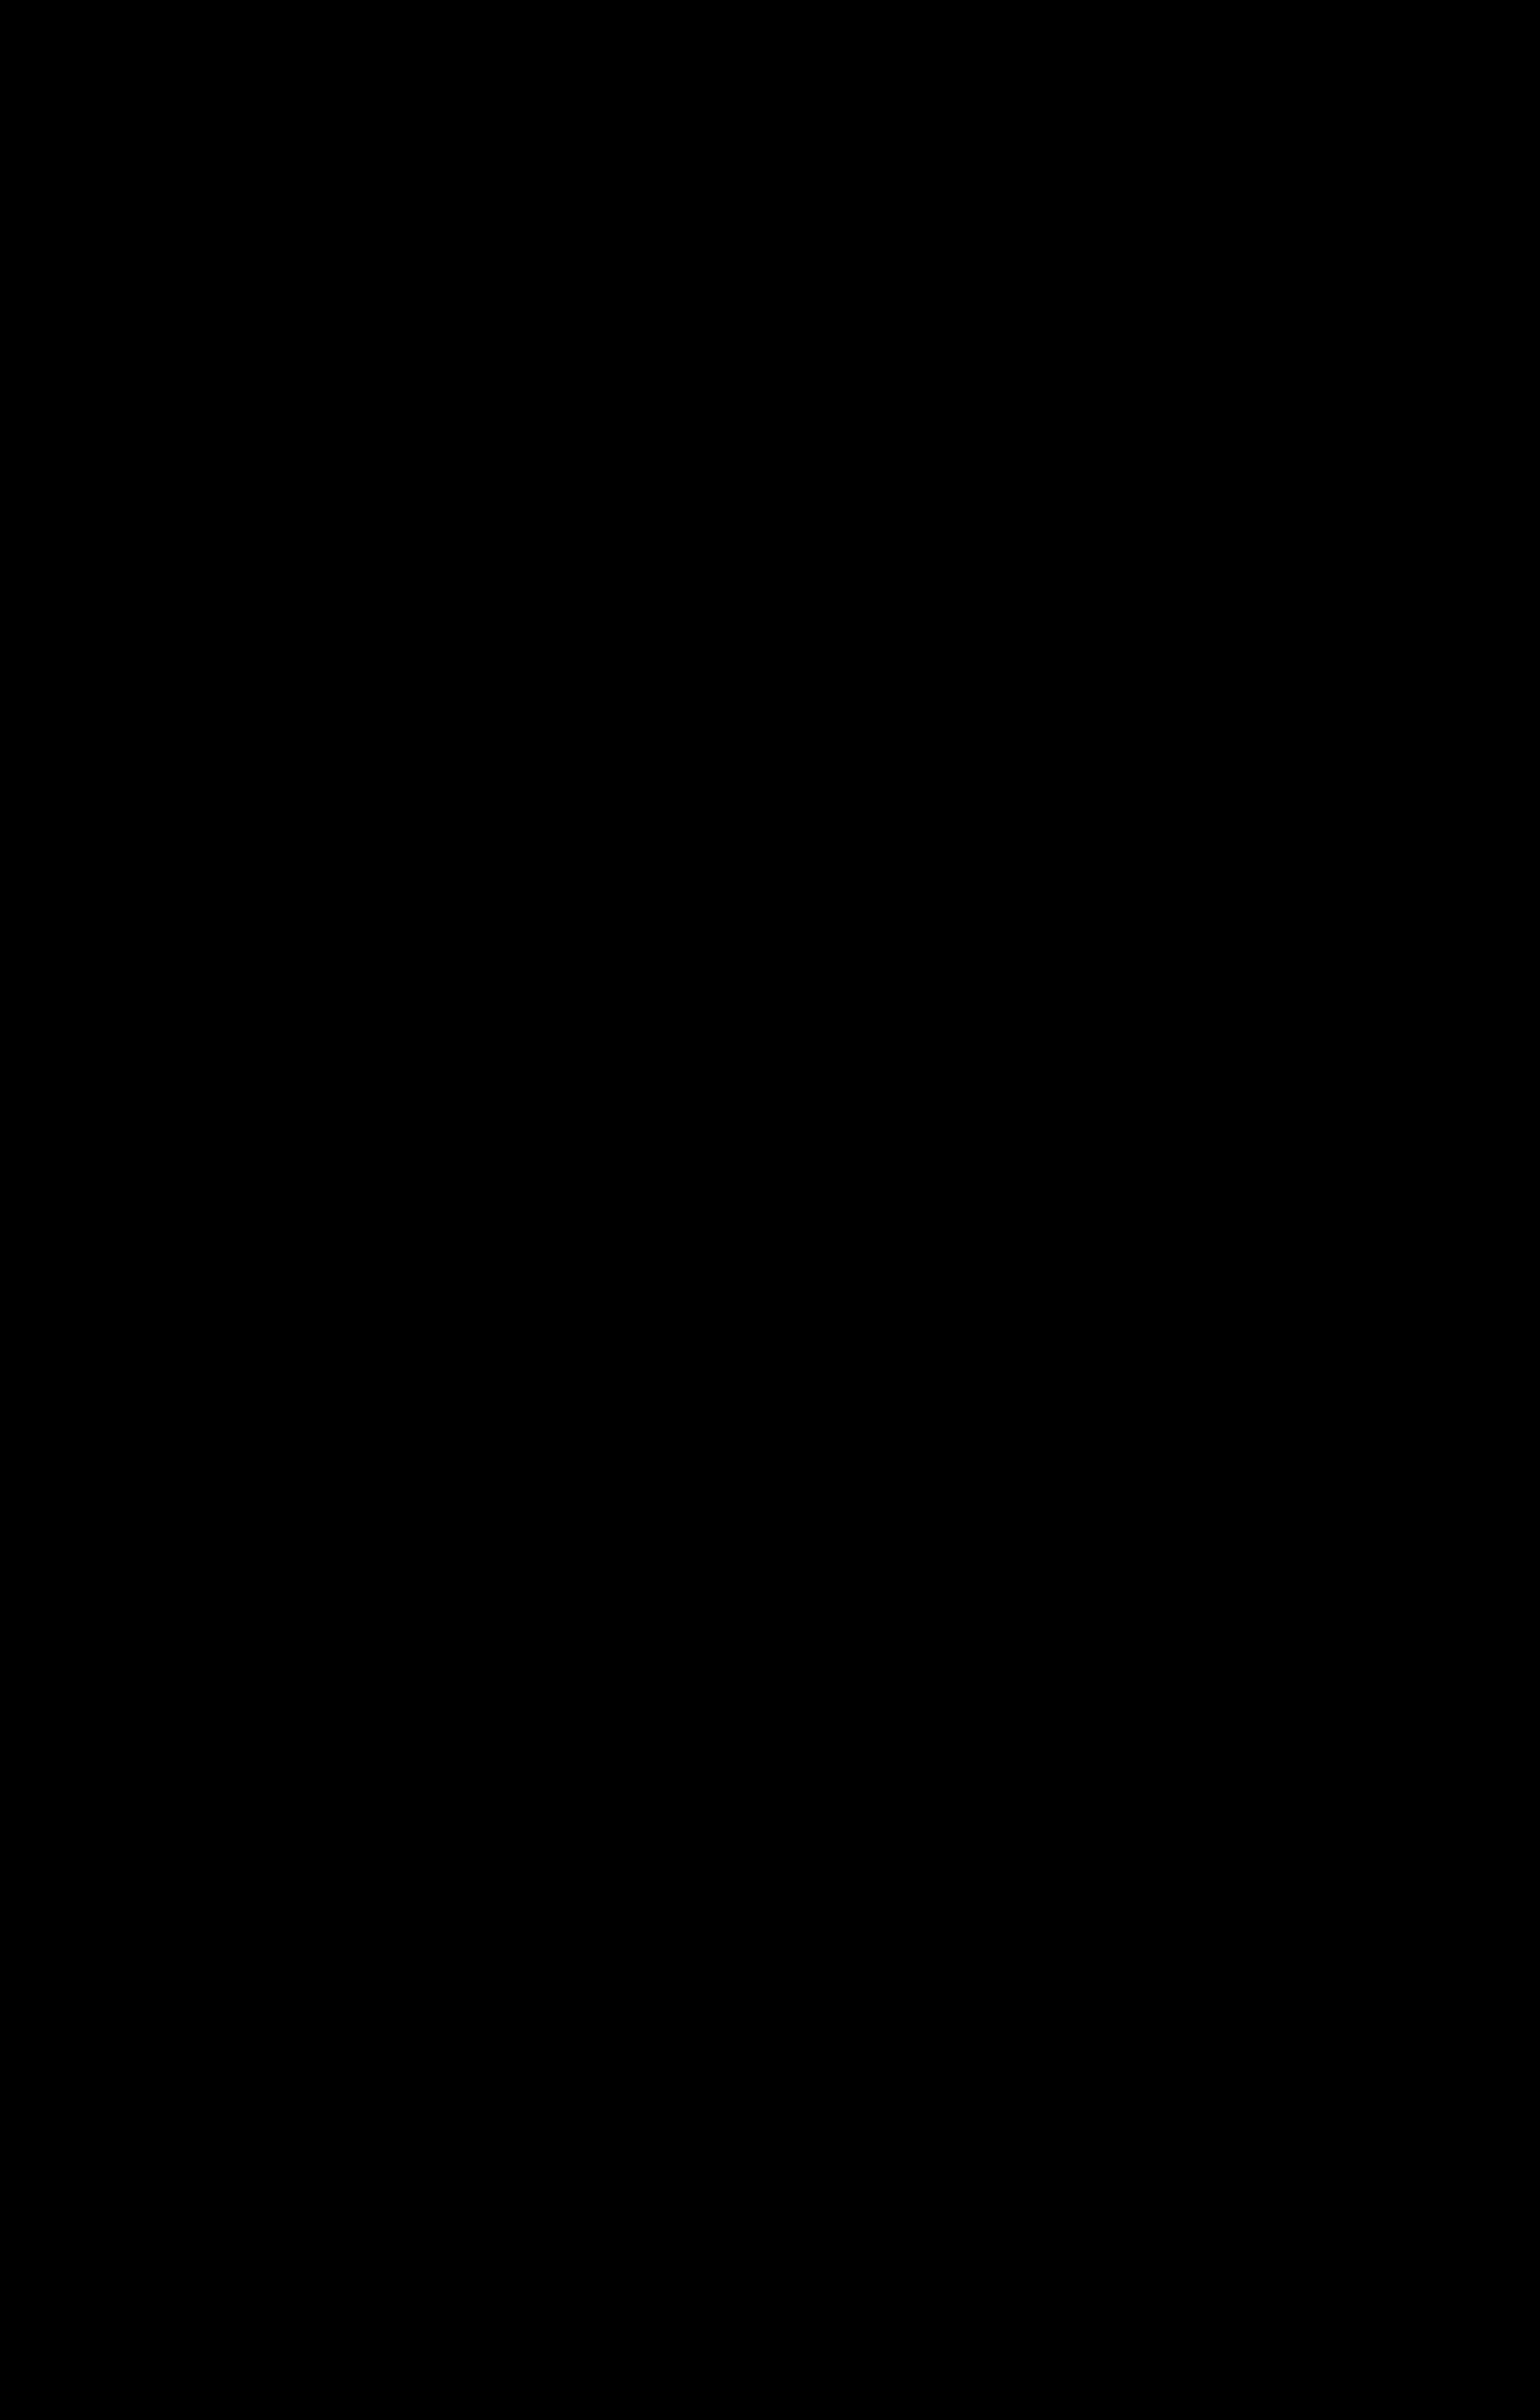 Rys. 3. Mapa potencjału usług ekosystemowych dla aktywności wodnych (Nagłówek: Service landscape potential – Potencjał usług ekosystemowych krajobrazu; Legenda: high – wysoki, medium – średni, low – niski). Źródło: Woźniak E., Kulczyk E., Derek M., 2018, op. cit.